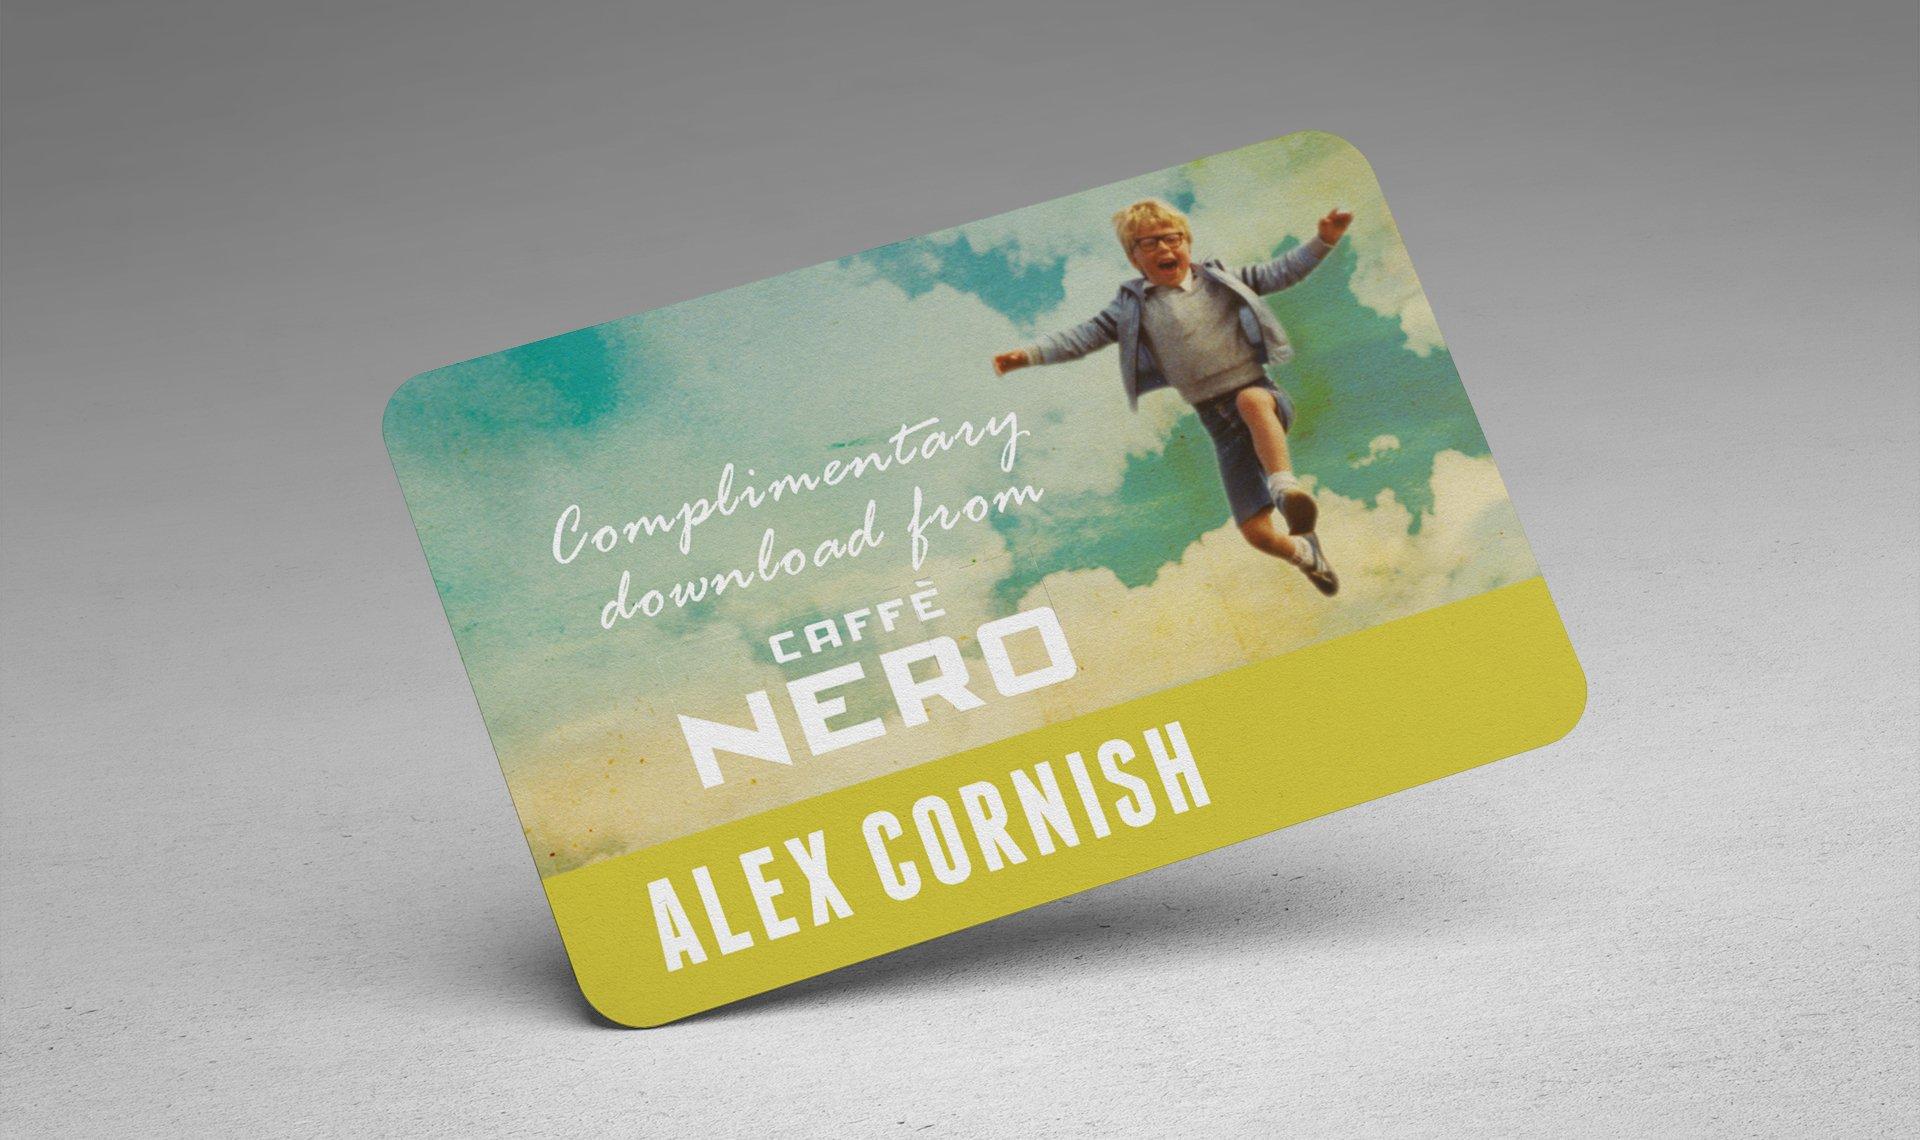 Alex Cornish free download card for Caffe Nero promo